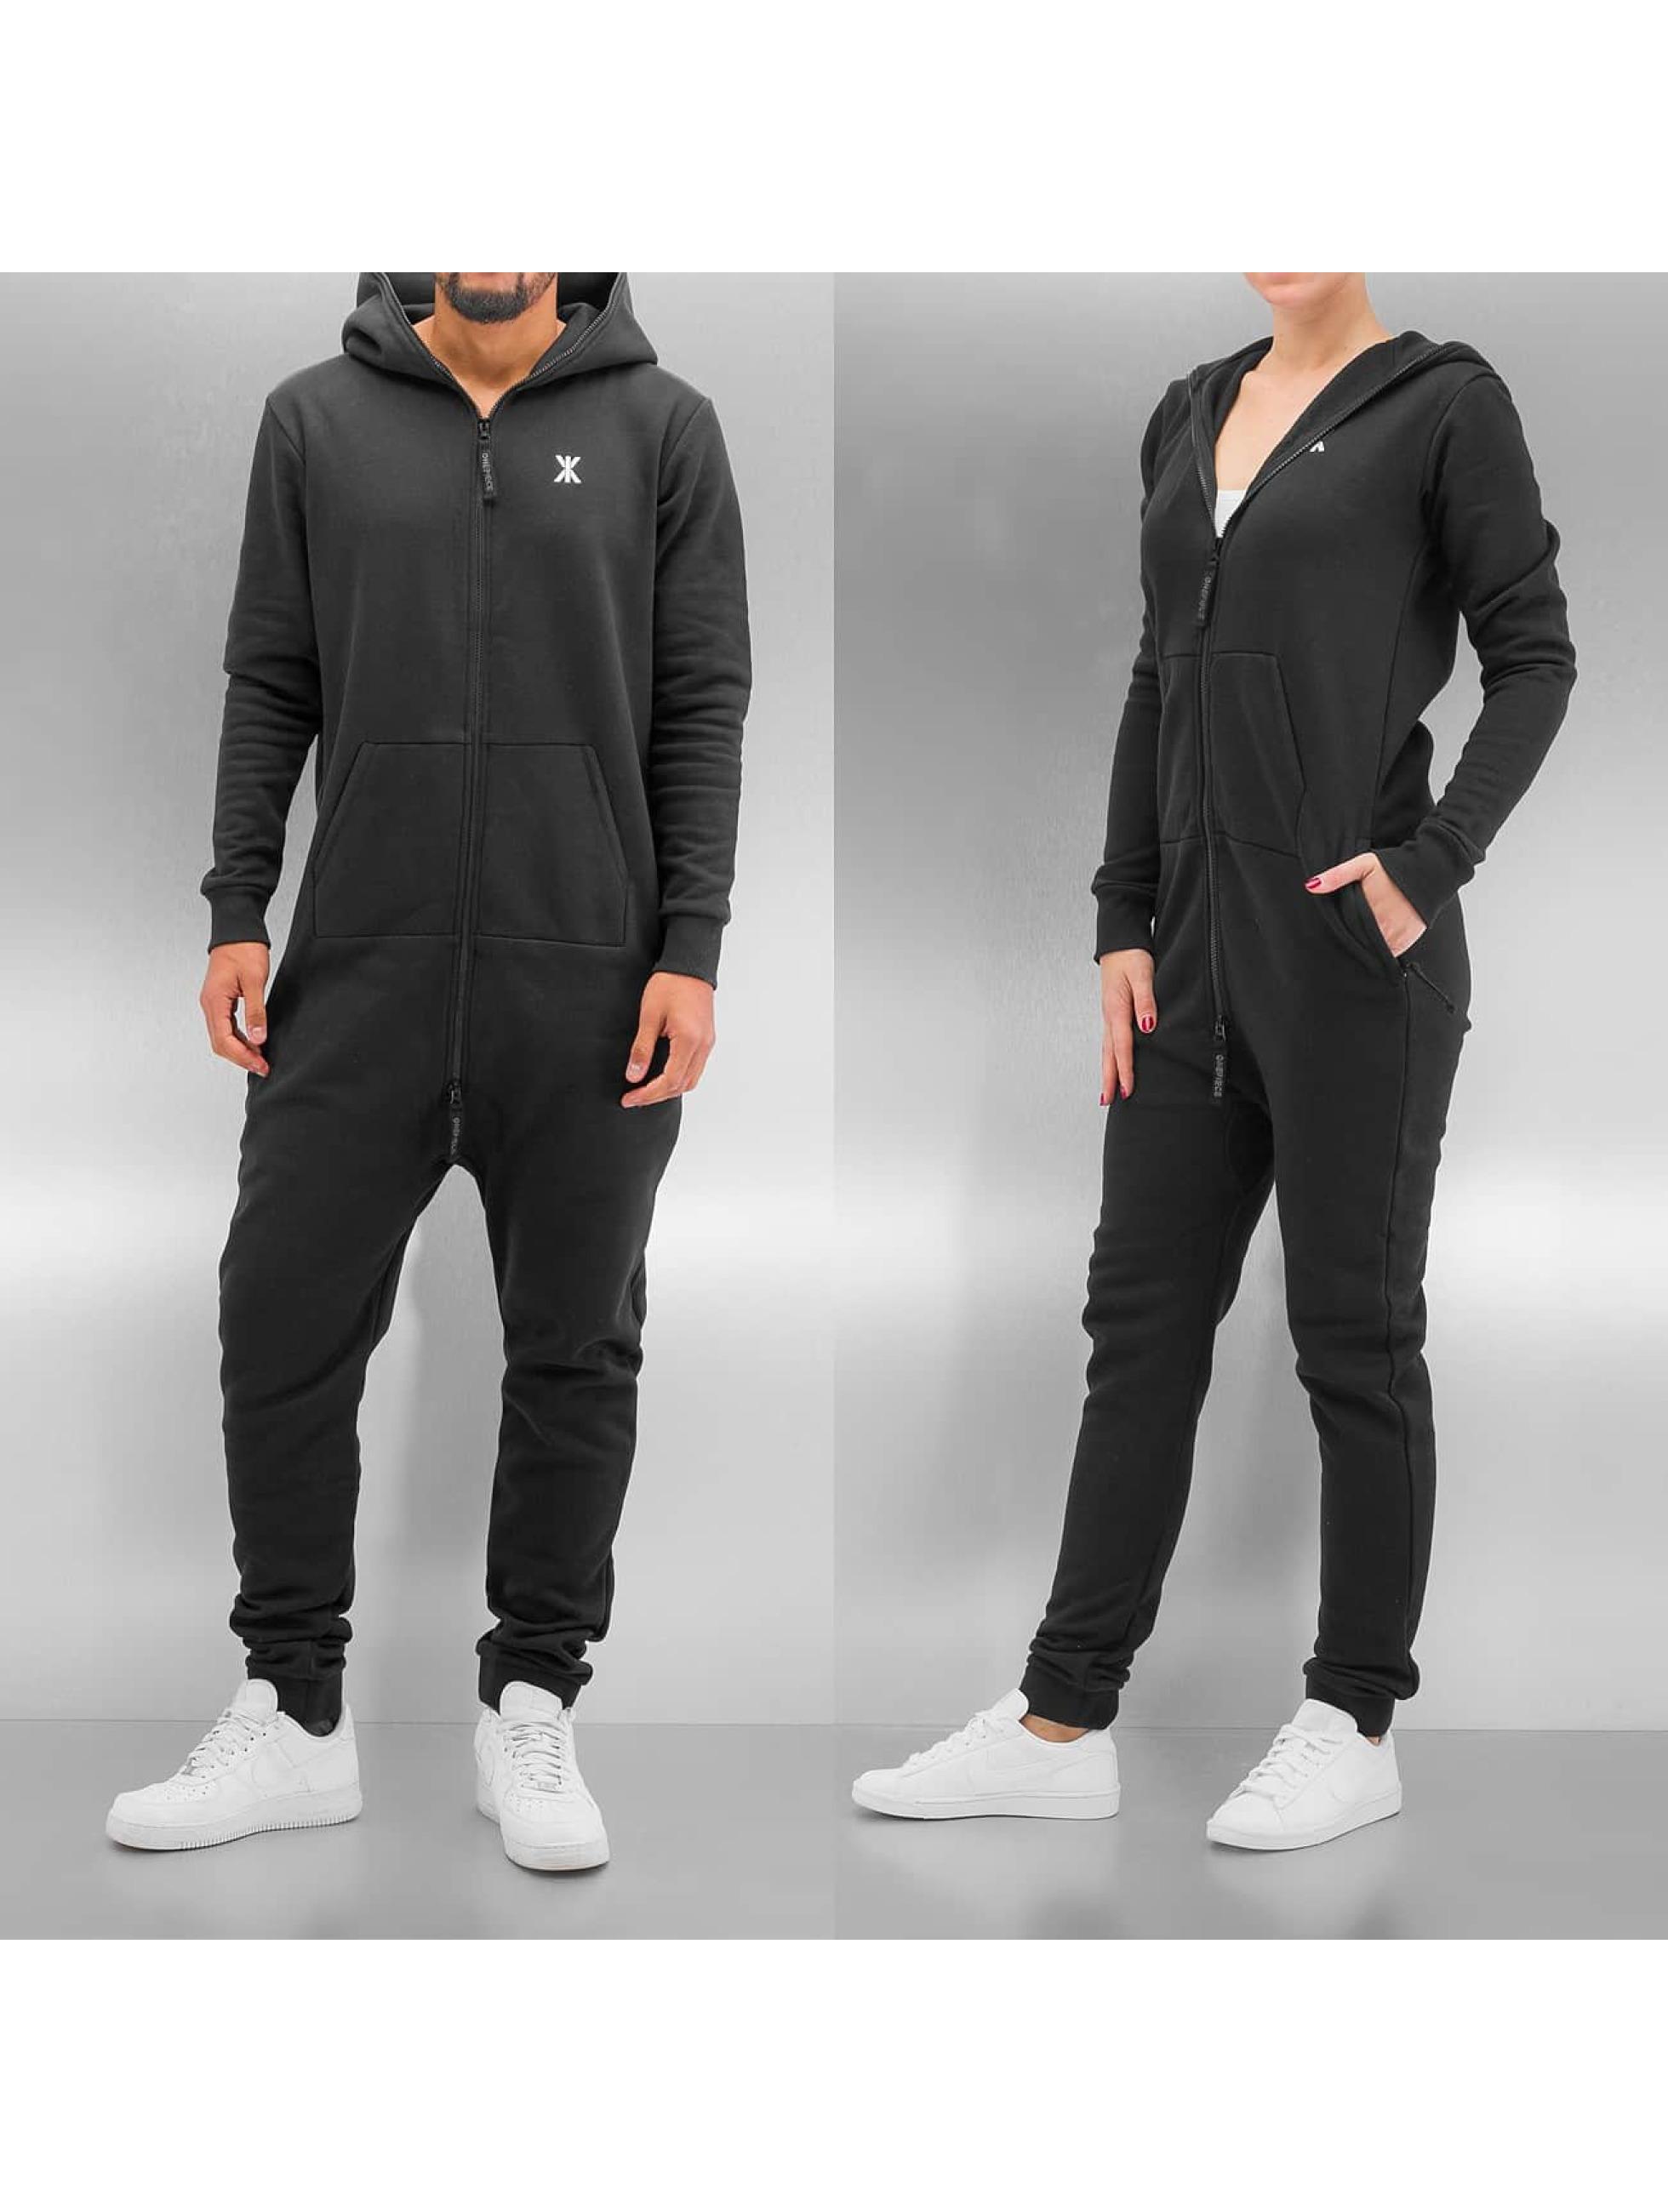 OnePiece Männer,Frauen Jumpsuit Original Onesie 2.0 in schwarz